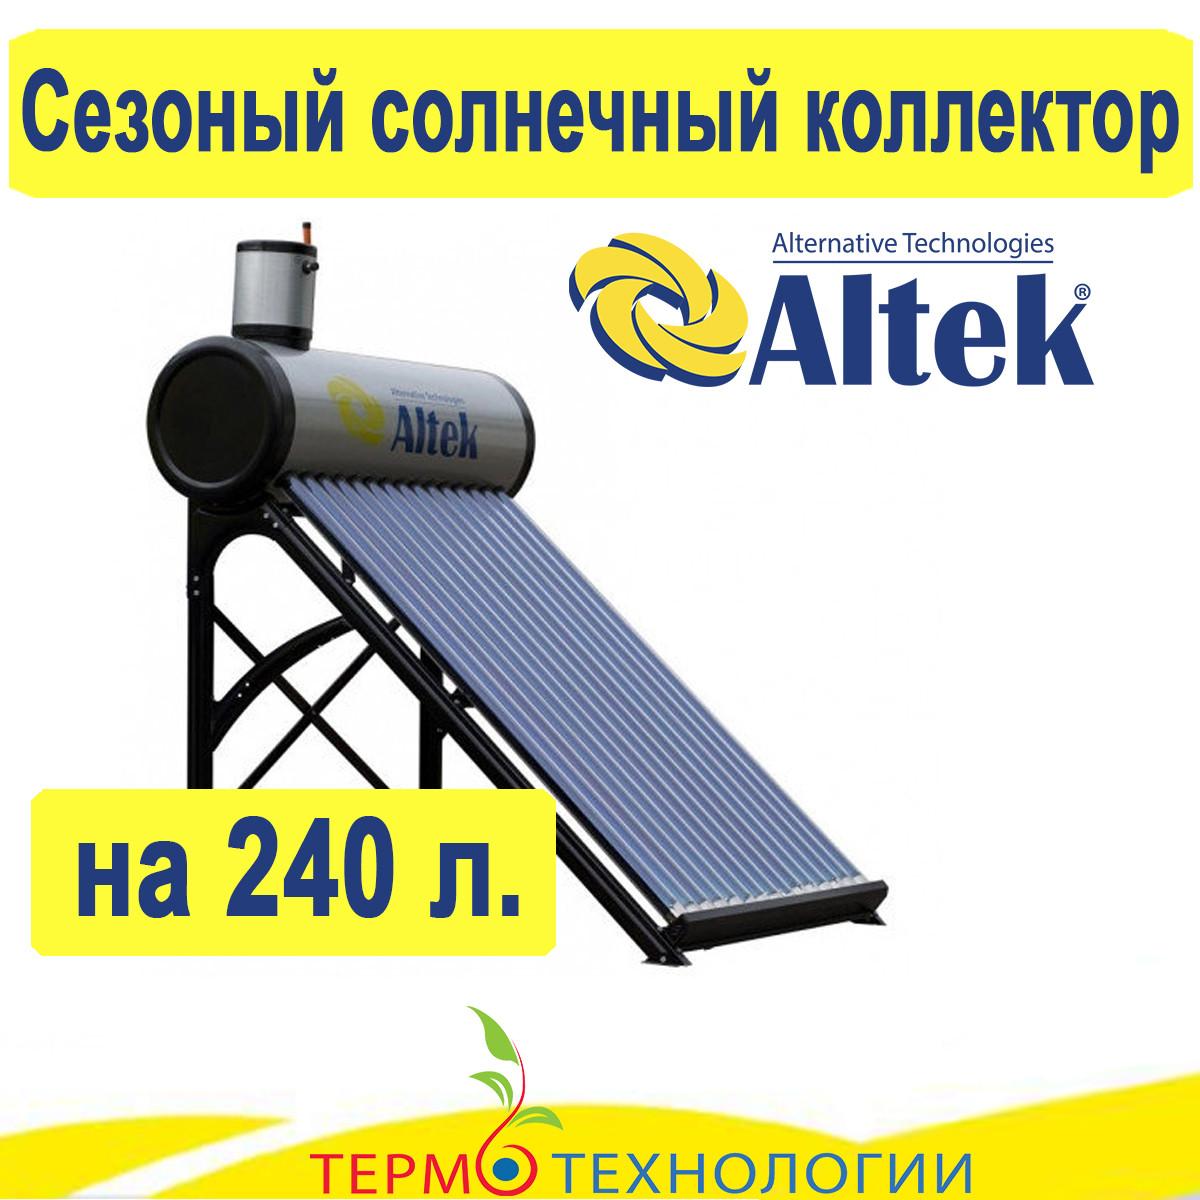 Гелиосистема Аltek 240 литров. Безнапорная термосифонная, на 4-5 человек., фото 1